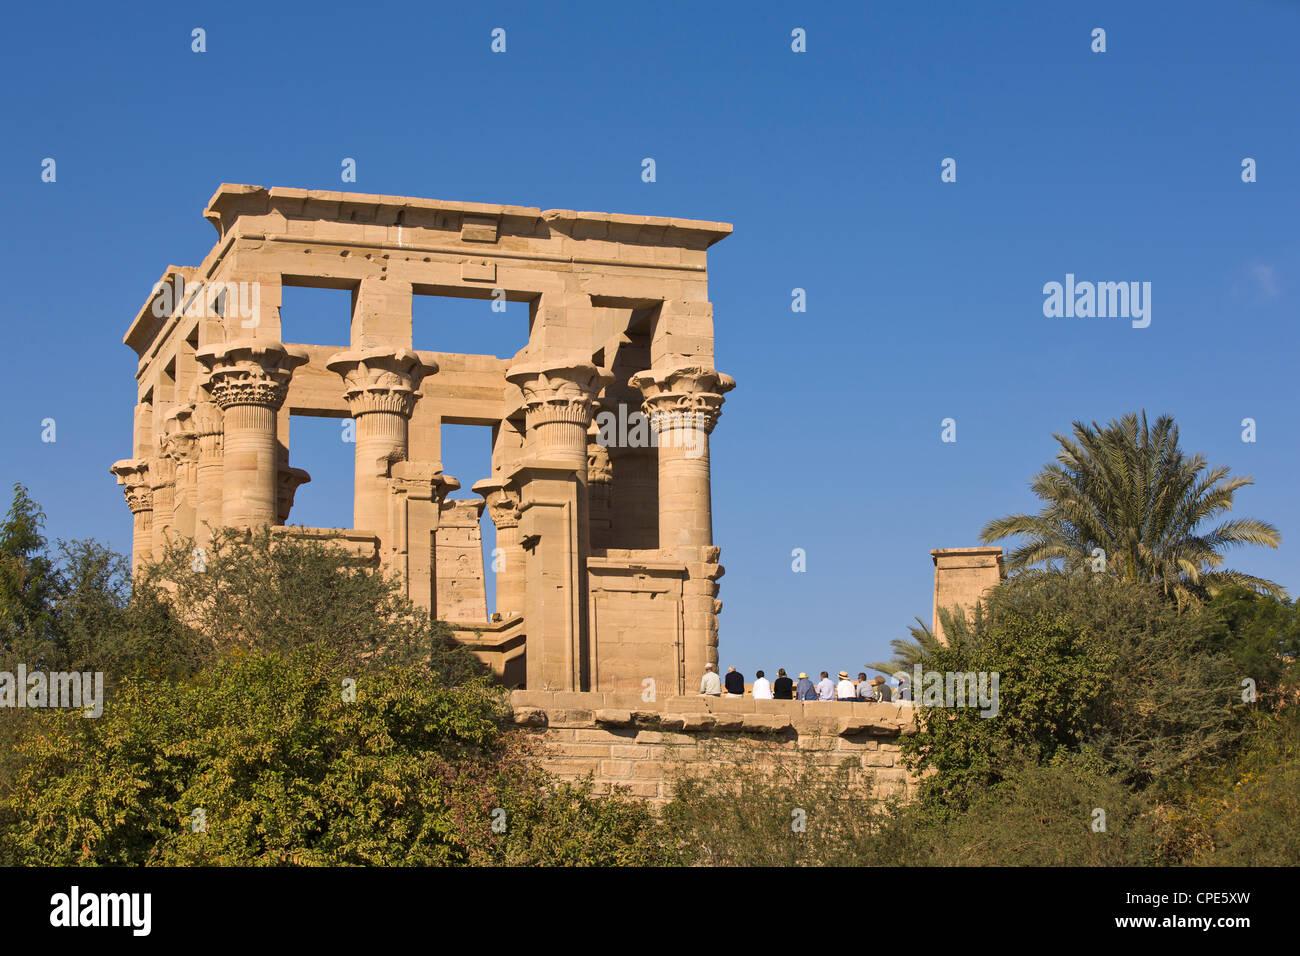 Gruppe von Touristen am Kiosk des Trajan auf Philae Tempel, UNESCO-Weltkulturerbe, Nubien, Ägypten, Nordafrika, Stockbild